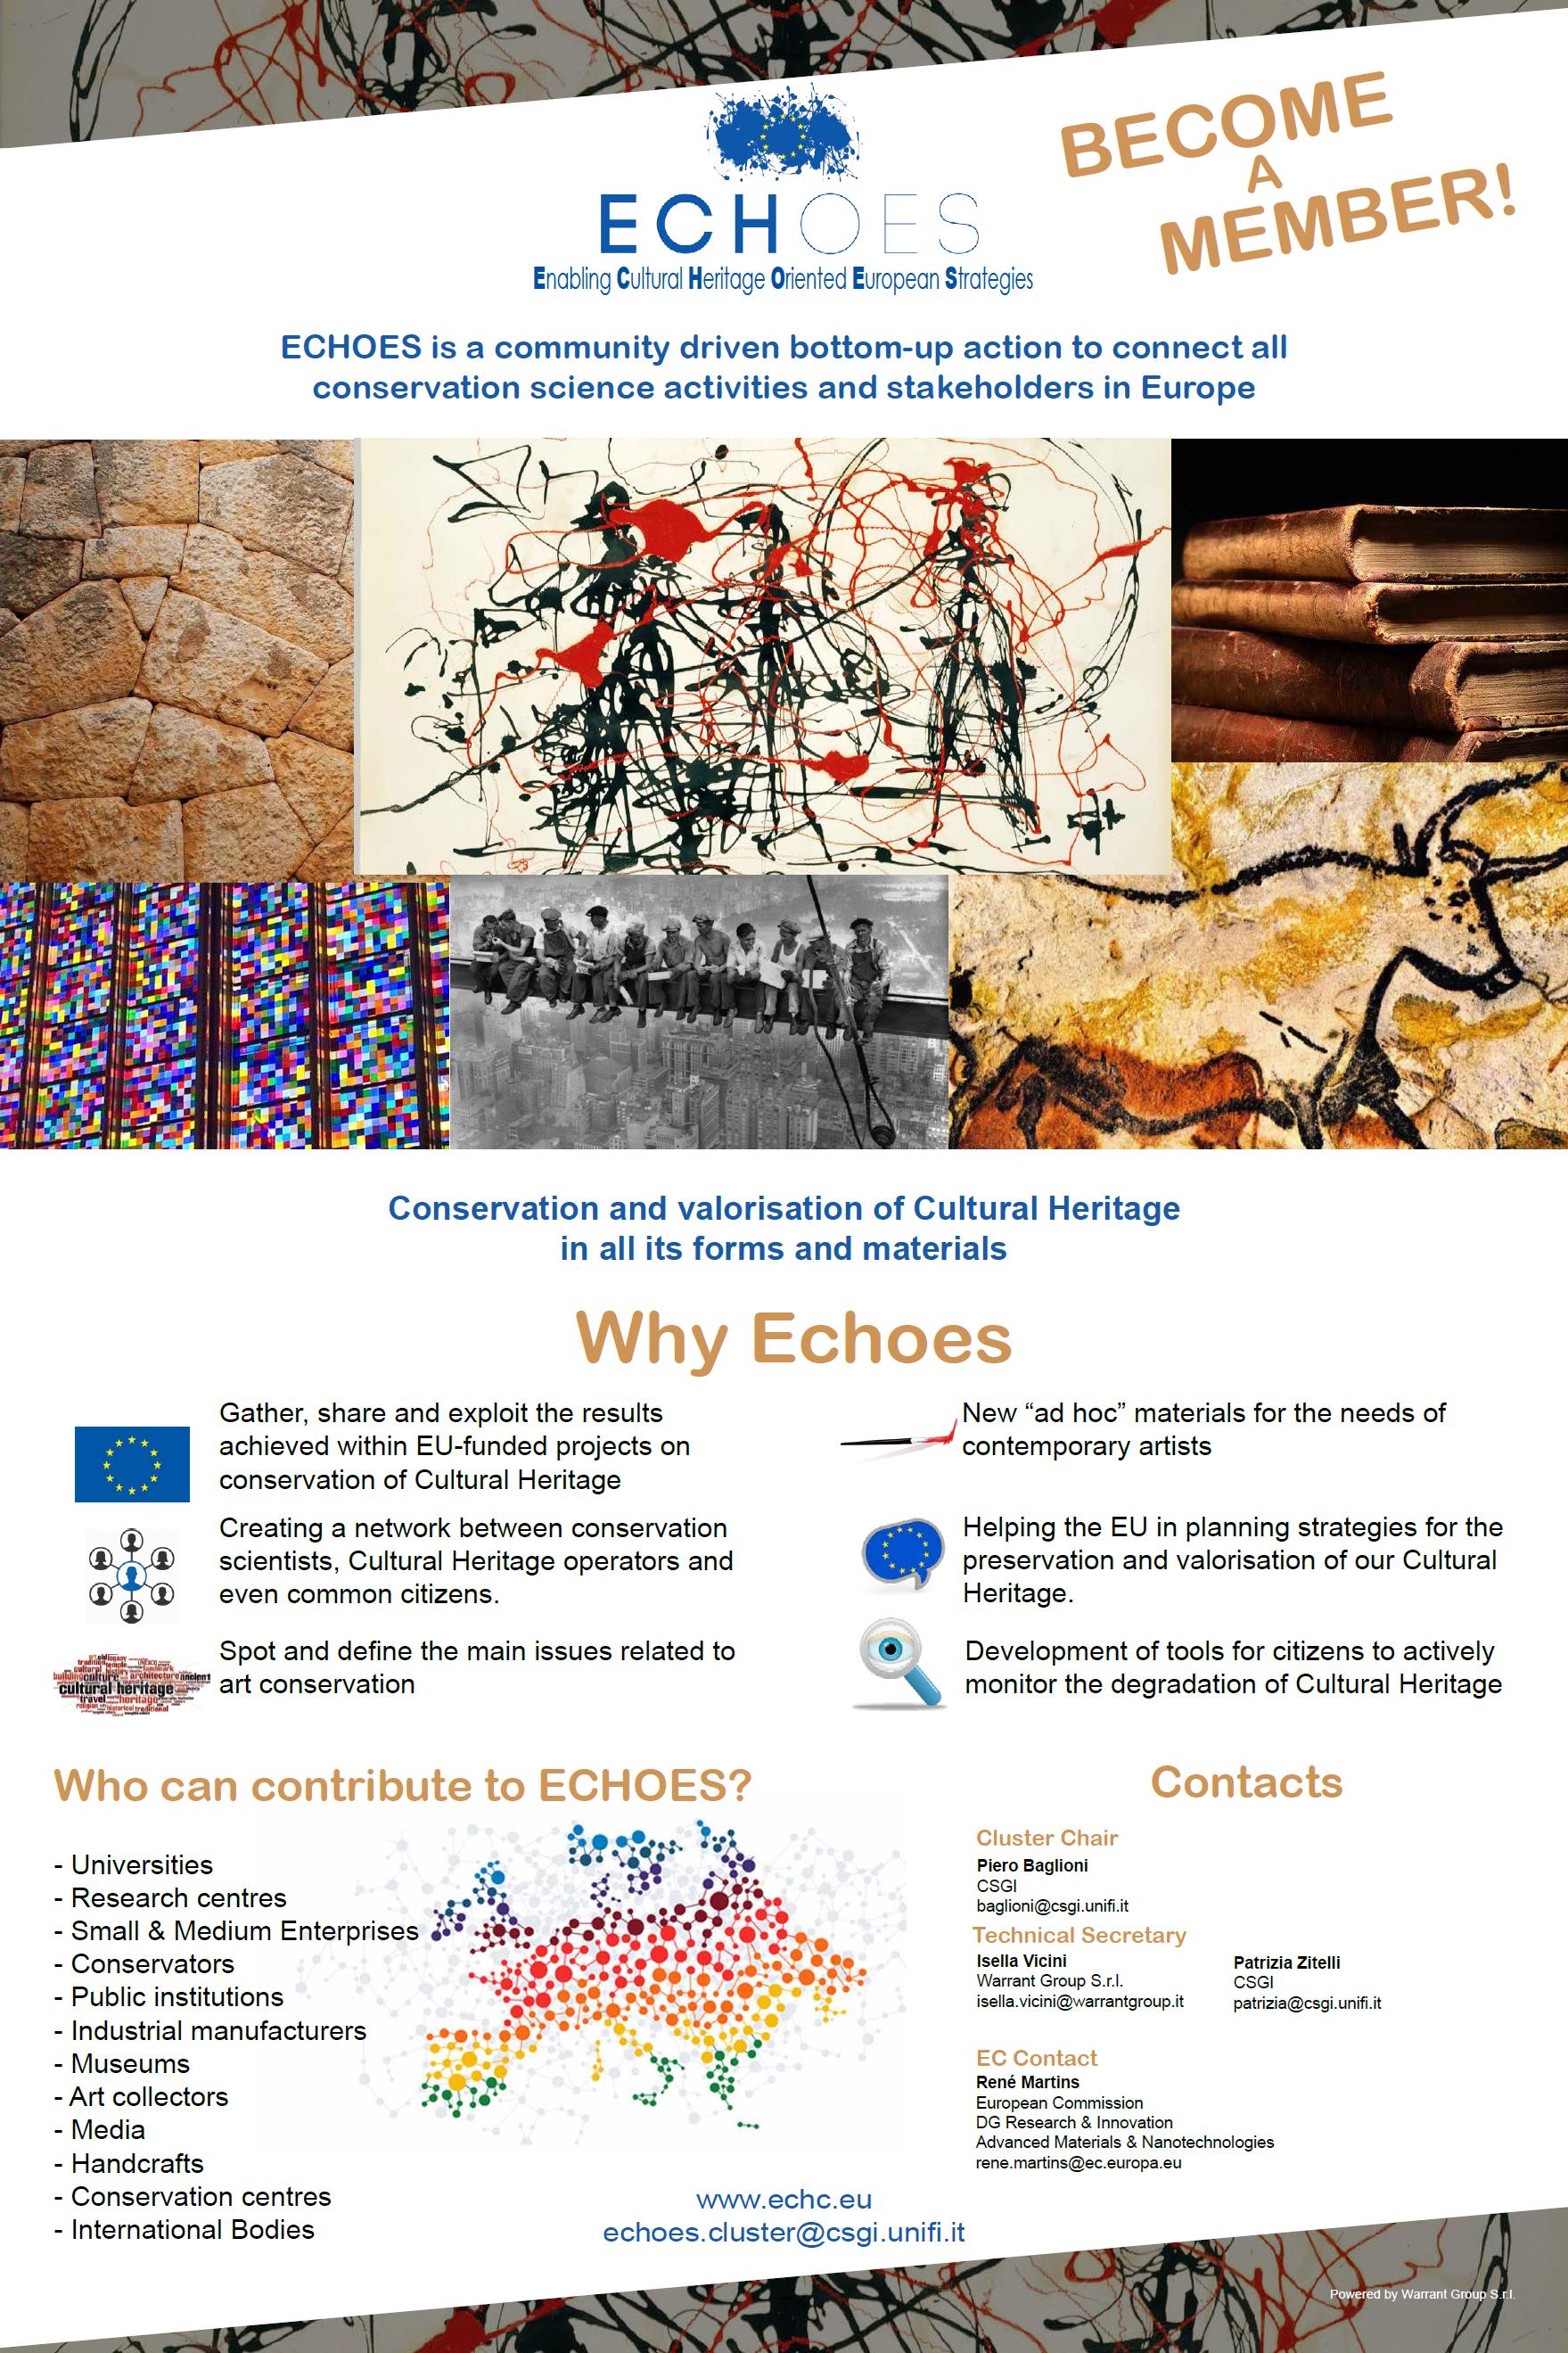 """ECHOES """"Enabling Cultural Heritage Oriented European Strategies"""""""